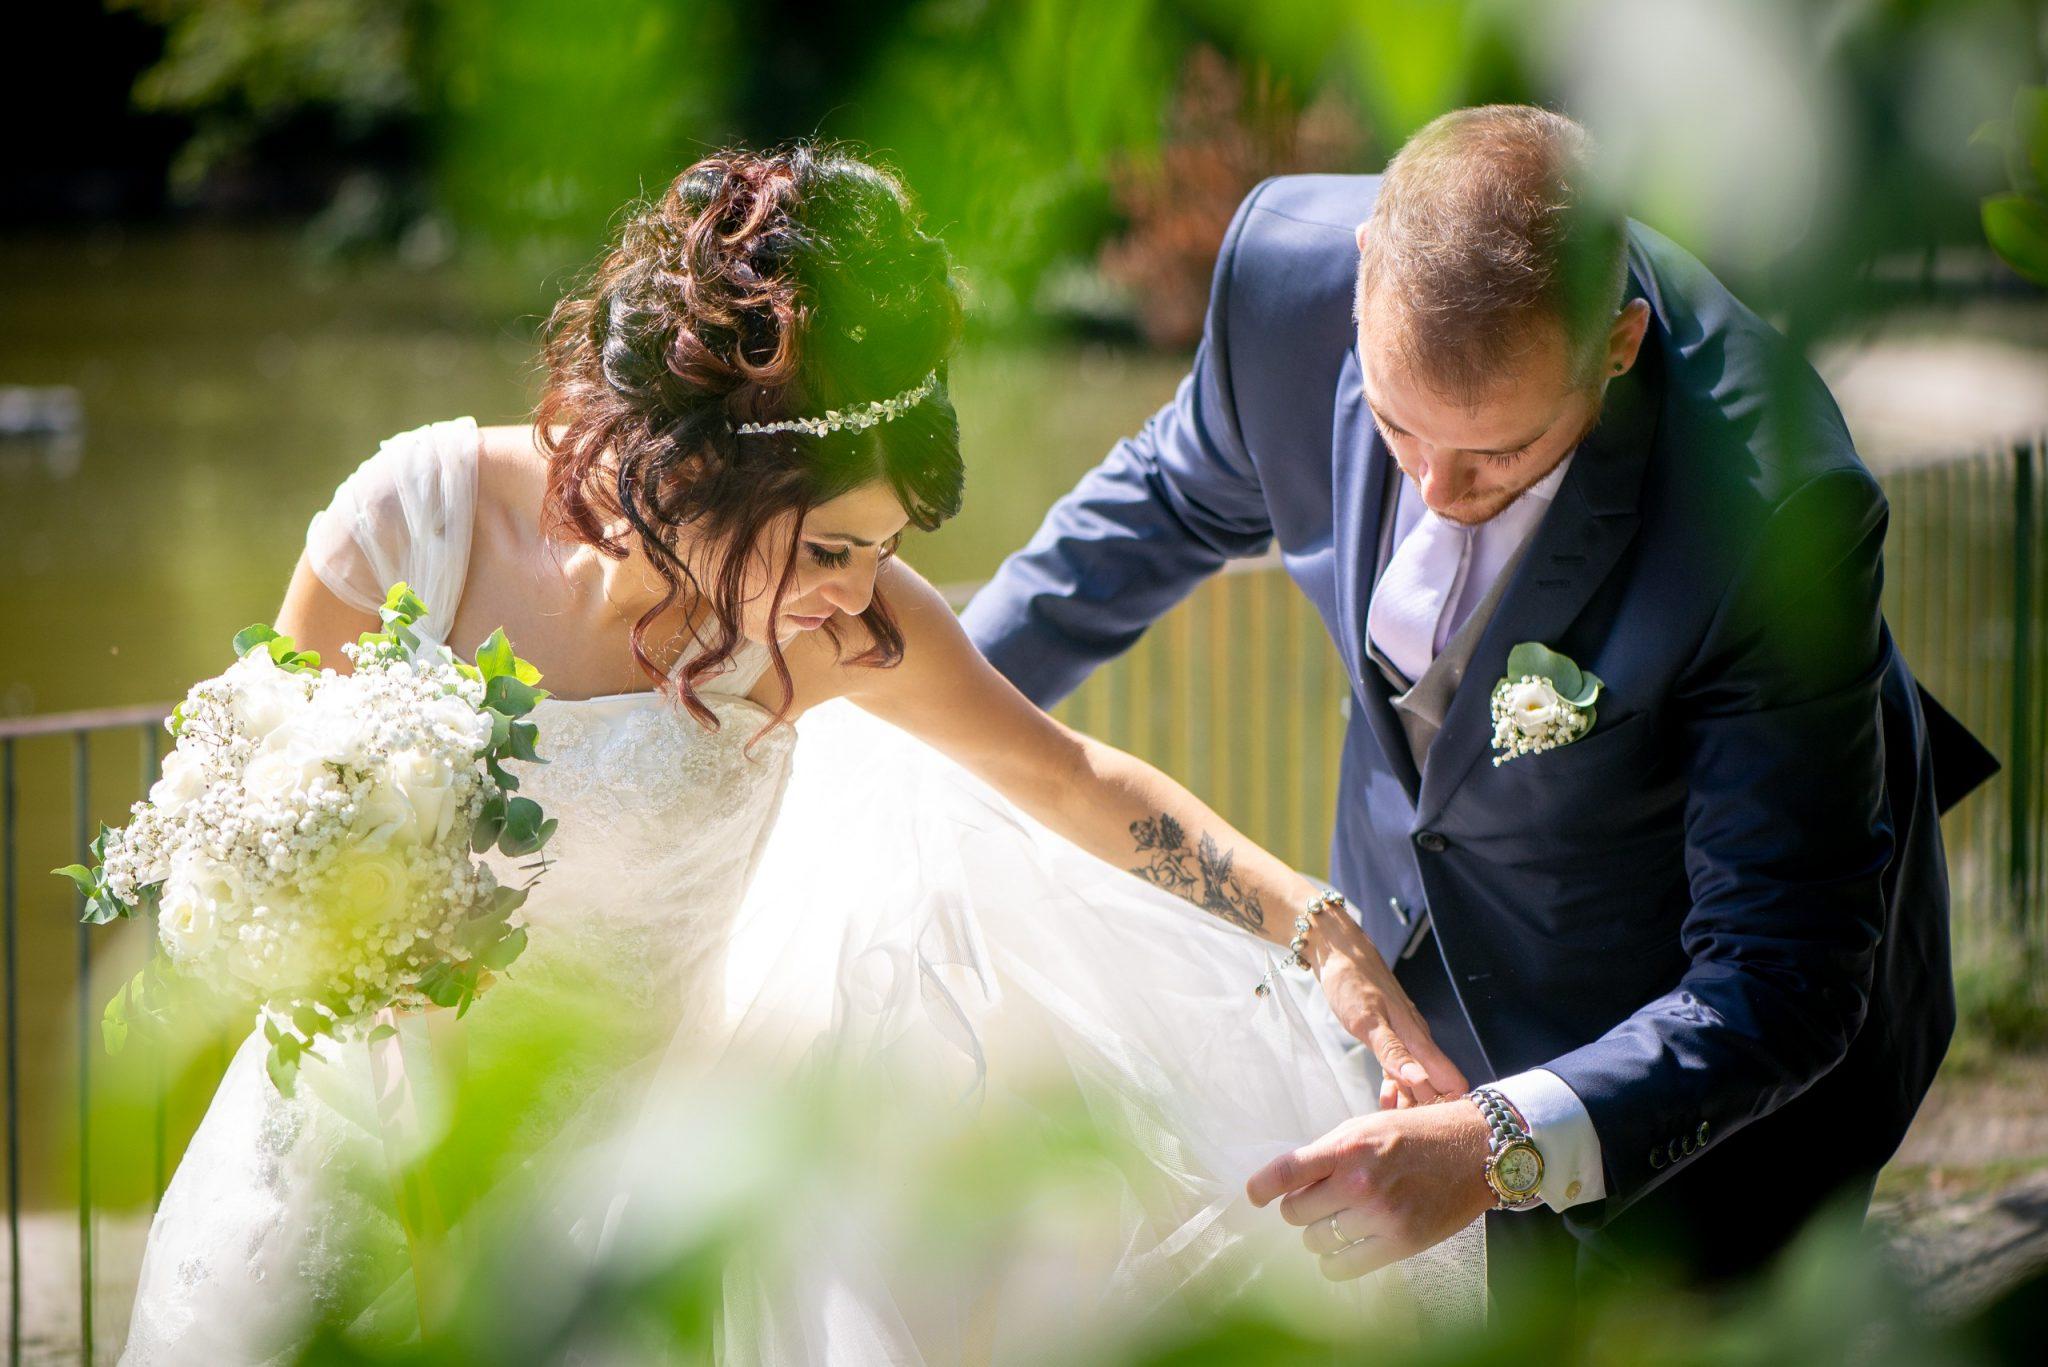 Sposo aggiusta vestito alla sposa